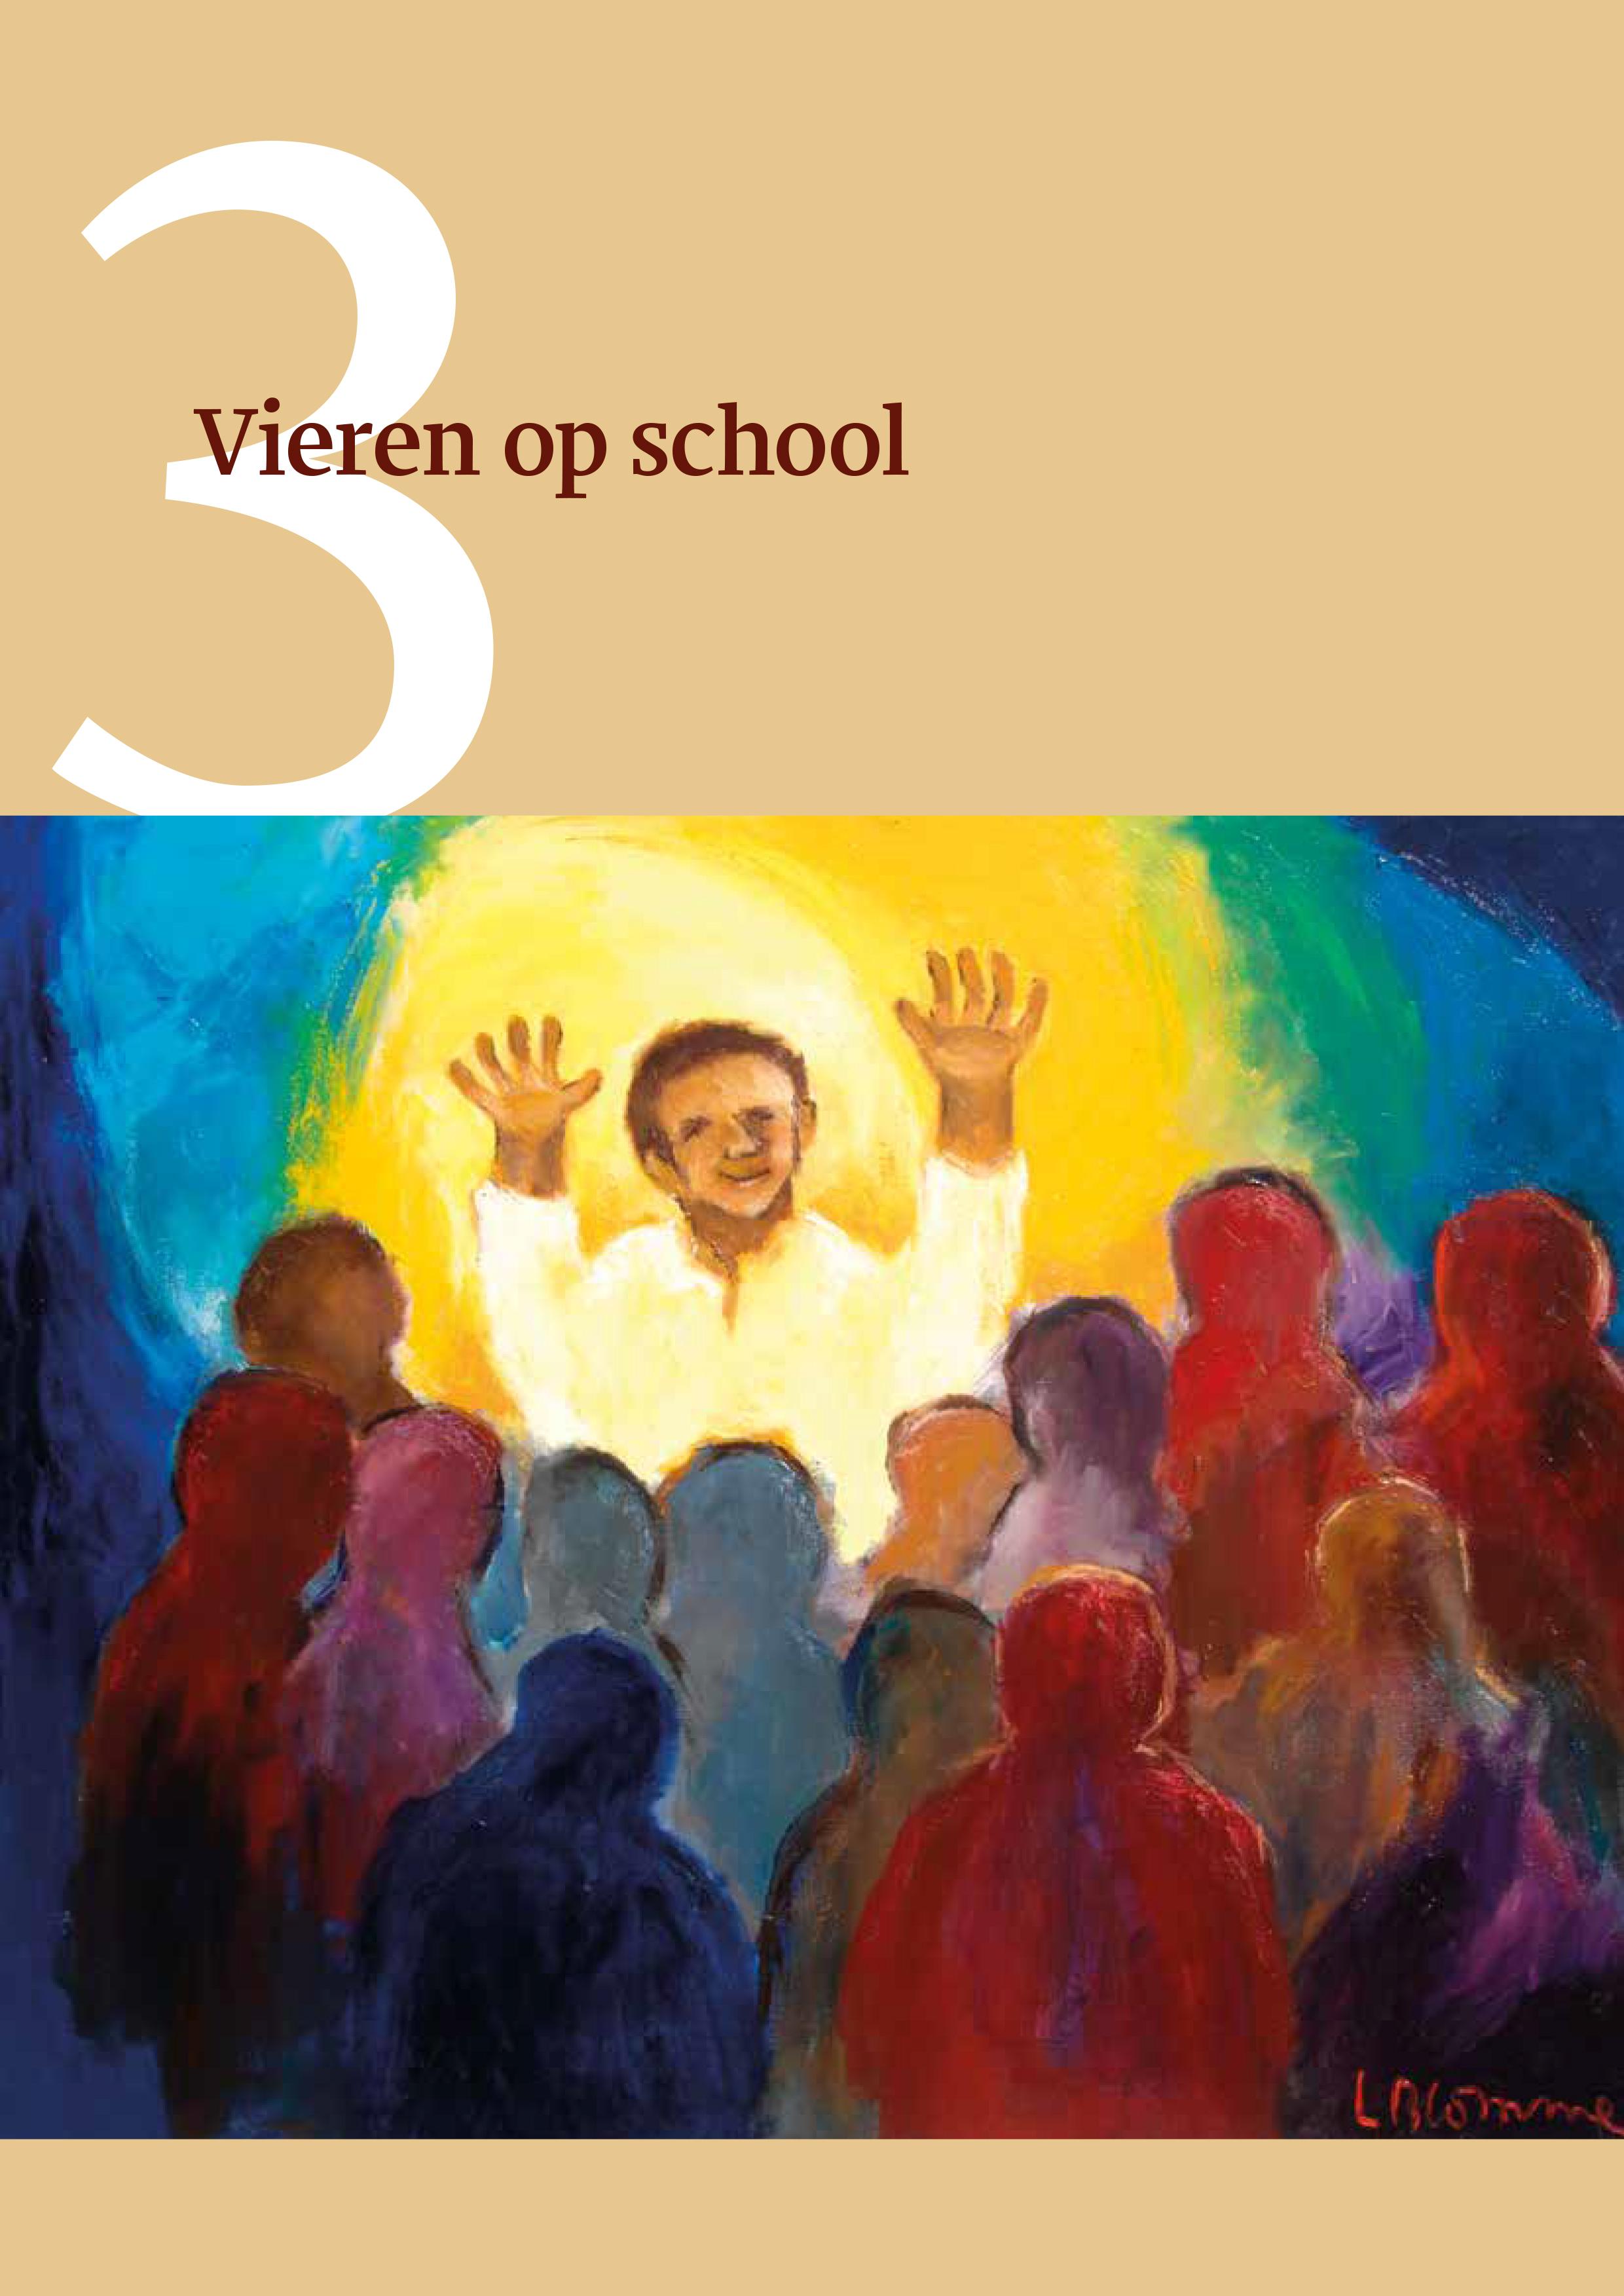 Vieren op school cover © bisdom Antwerpen